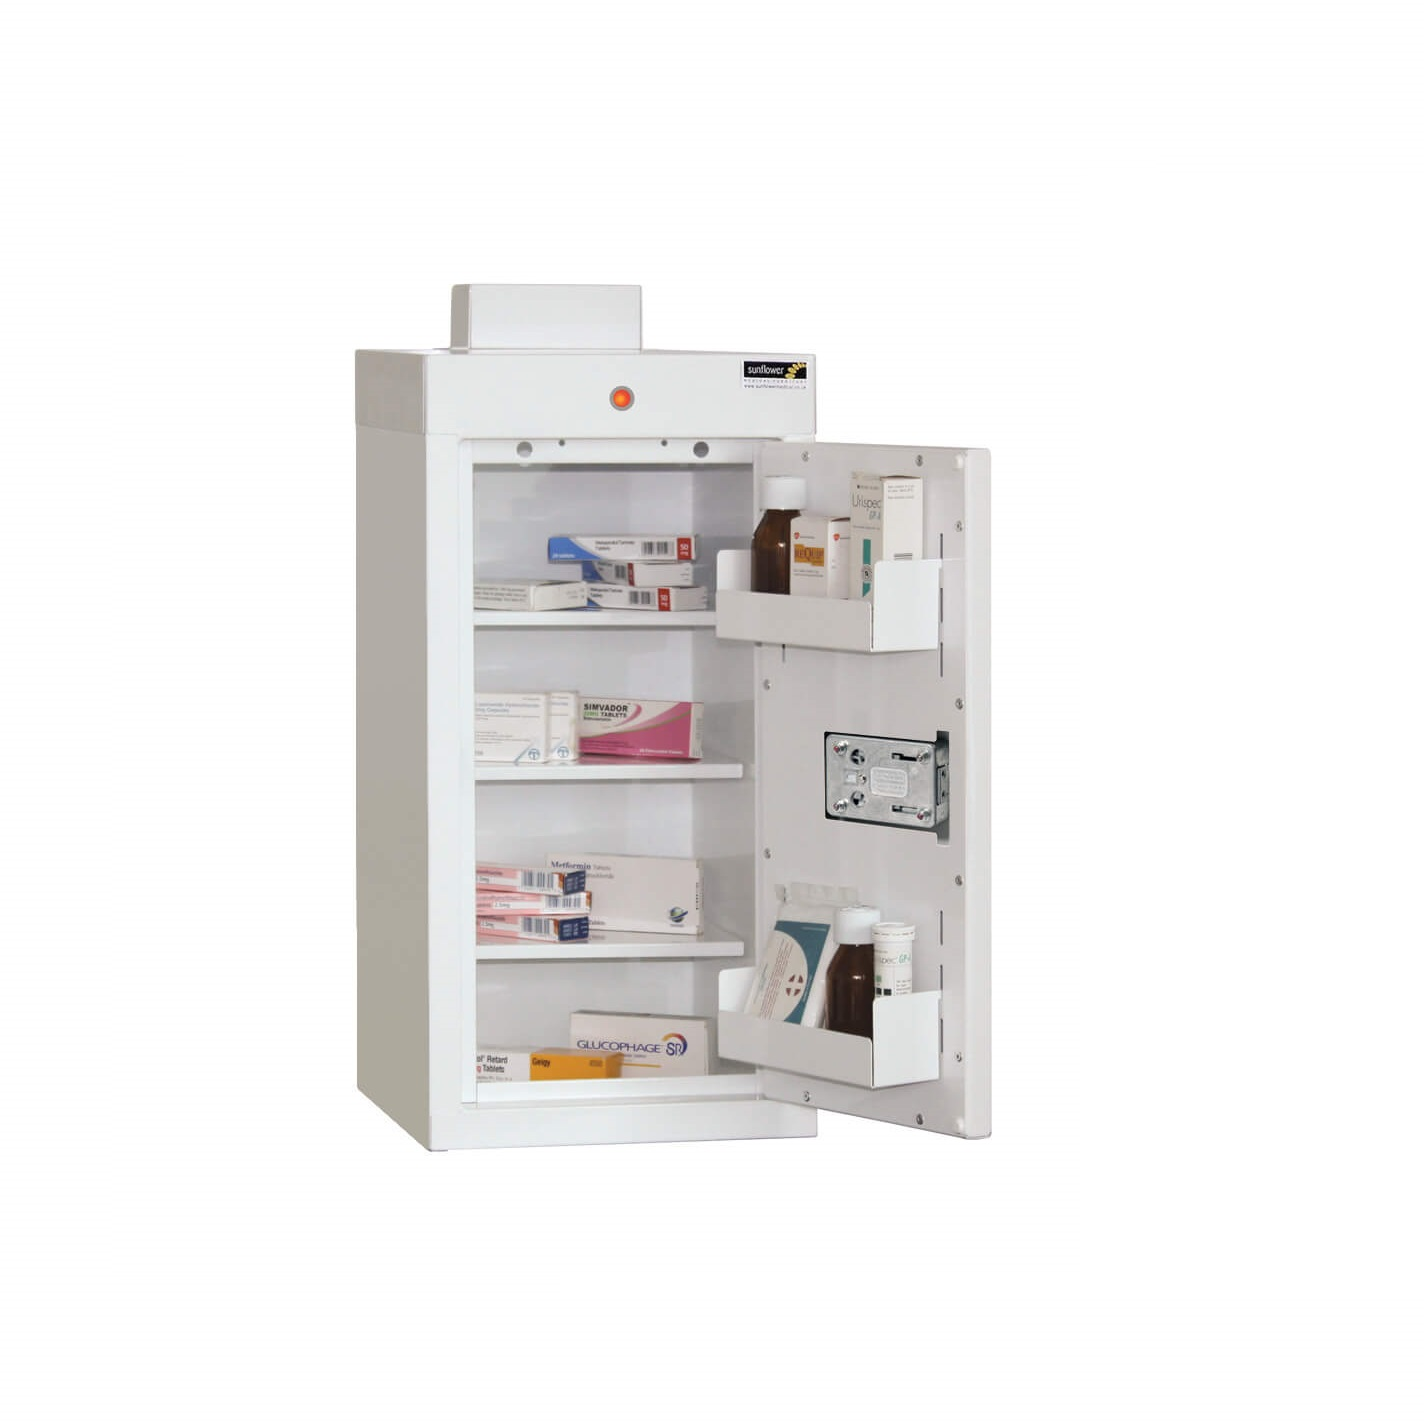 Medicine Cabinet - 3 shelves/2 door trays/1 door 60cm x 30cm x 30cm | Medical Supermarket